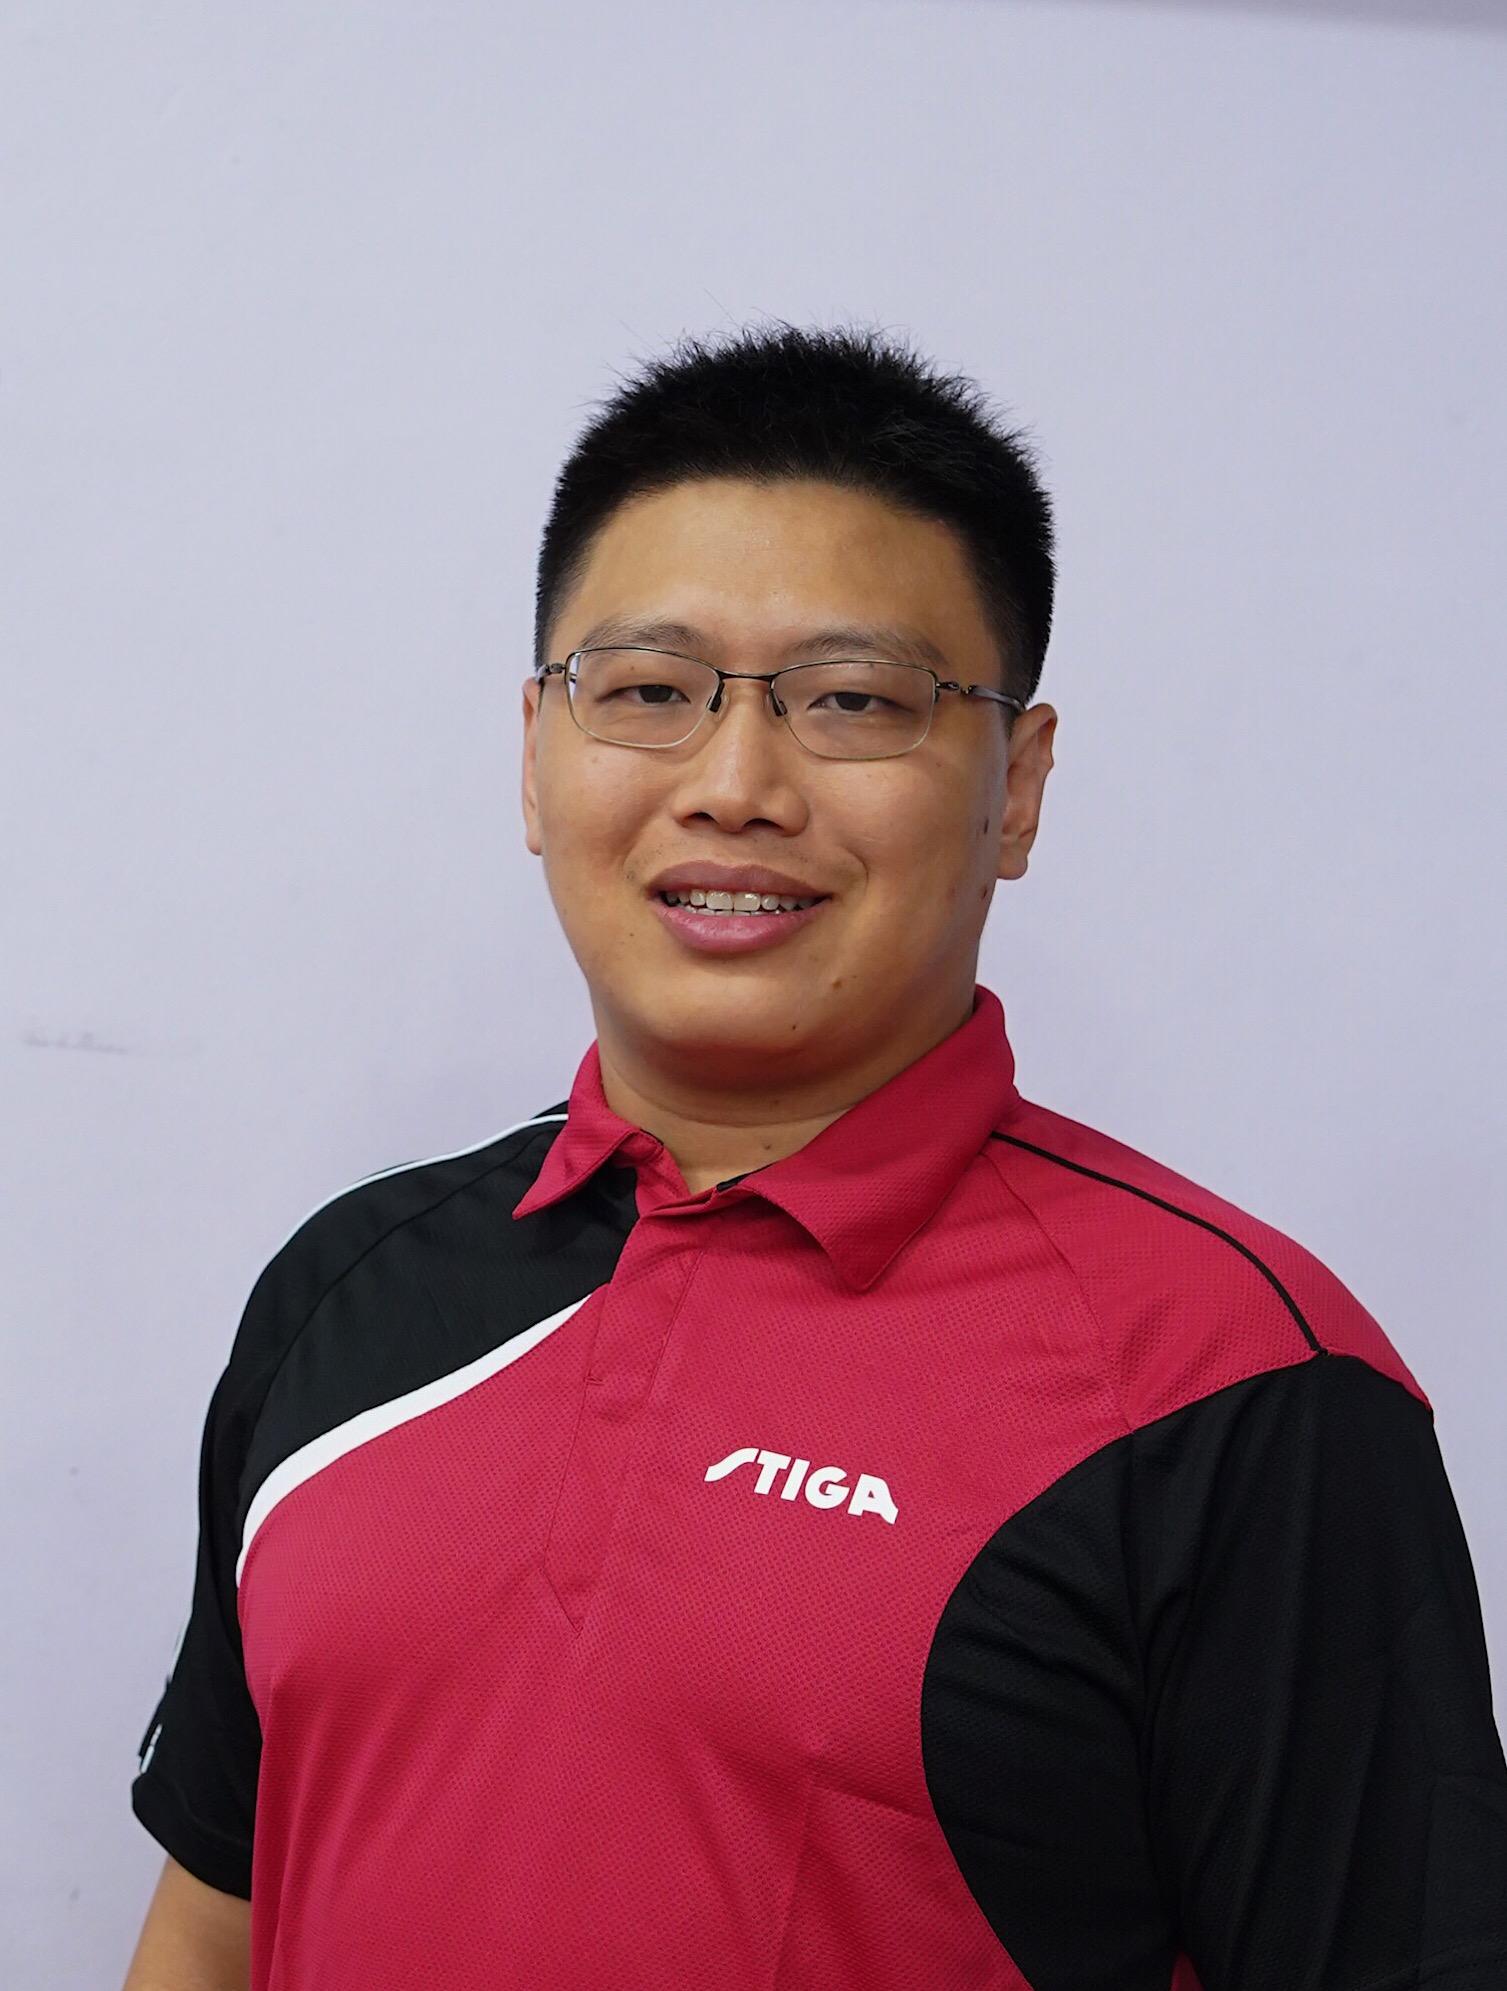 Goh Miao Guang